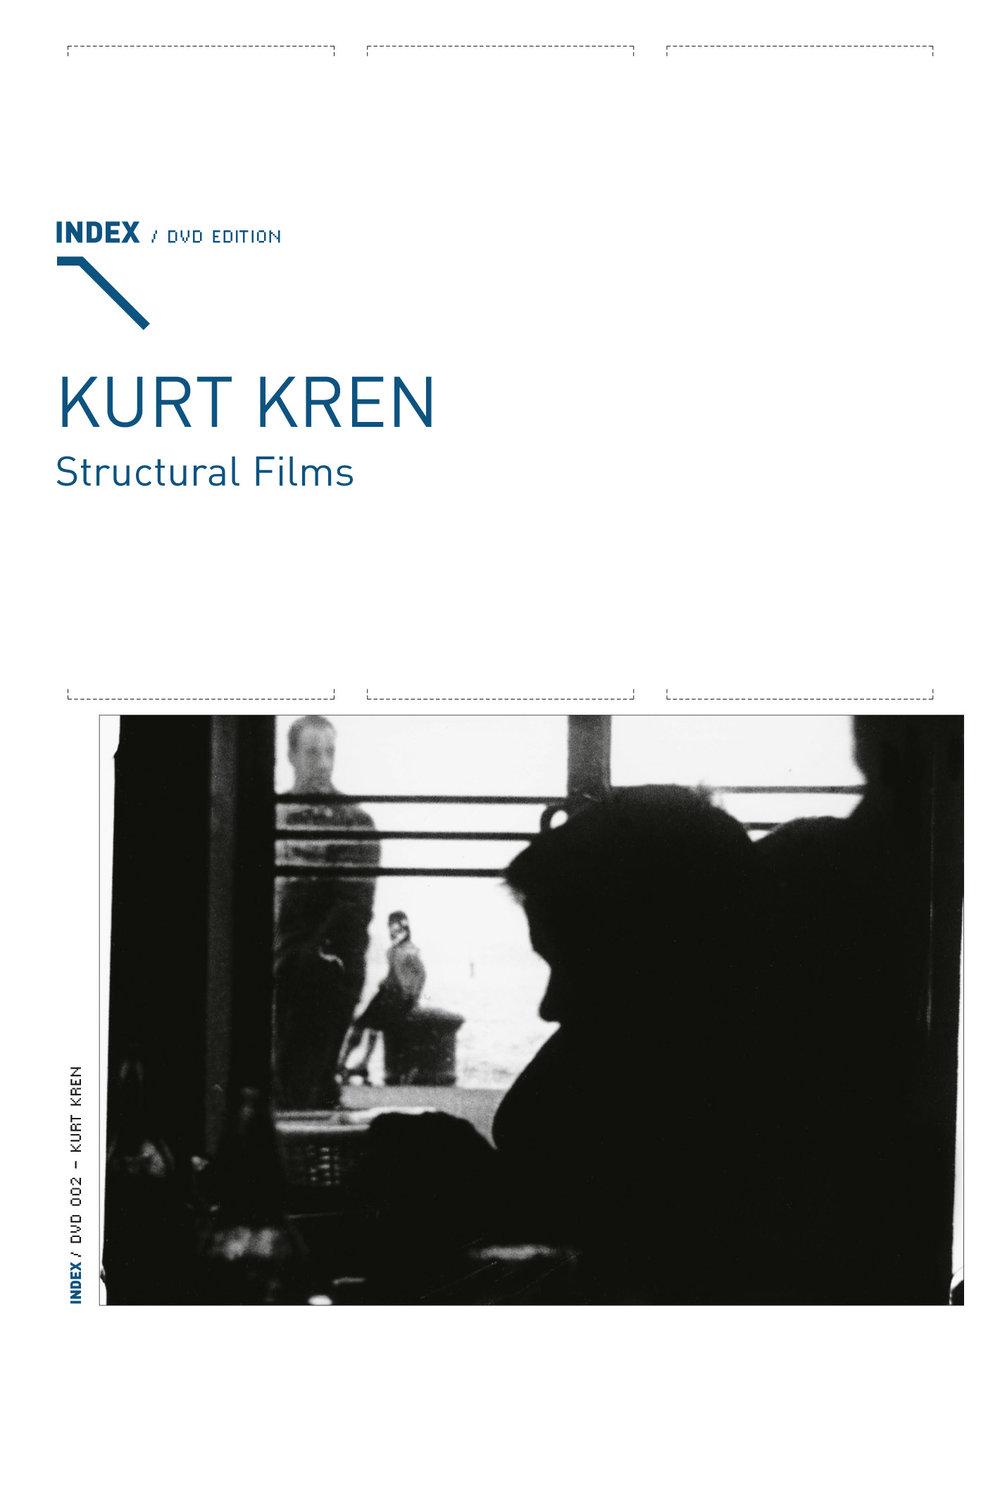 Kurt Kren. Structural Films. Vienna: Index DVD Edition, no. 002, 2004.